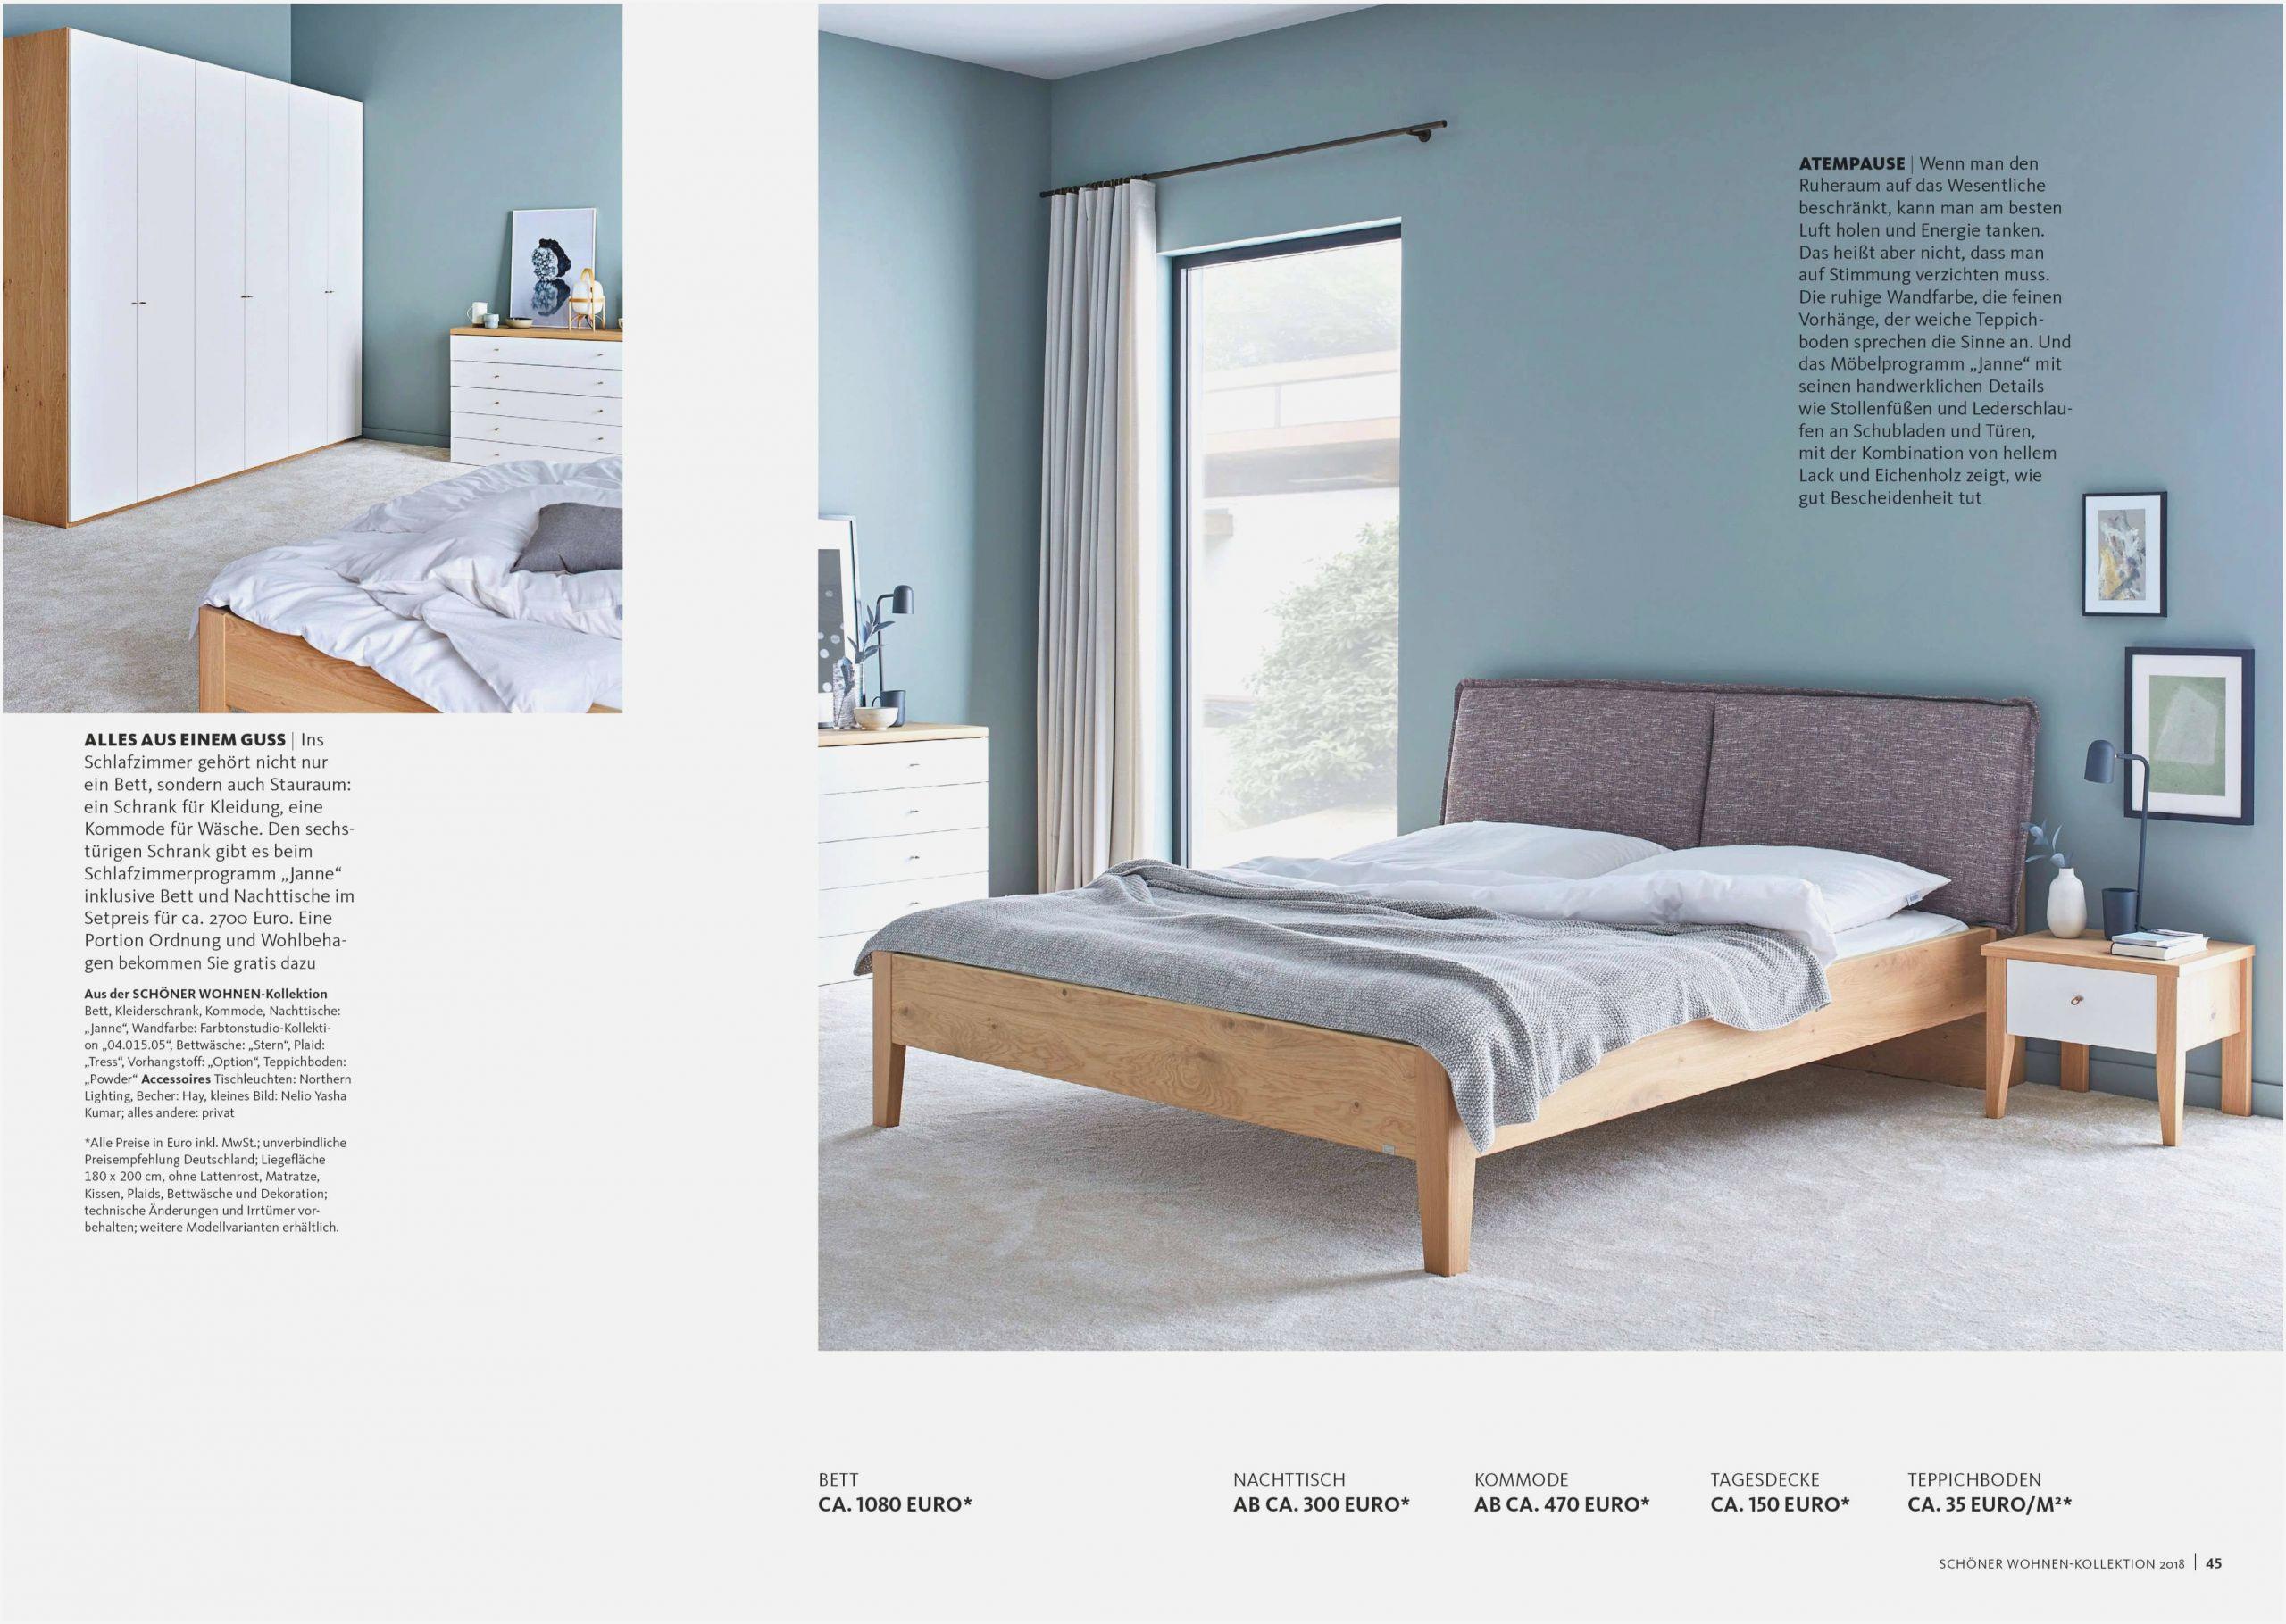 Full Size of Schlafzimmer überbau Ikea Kommode Traumhaus Dekoration Lampen Rauch Deko Weiß Komplett Mit Lattenrost Und Matratze Günstig Eckschrank Komplettes Weißes Wohnzimmer Schlafzimmer überbau